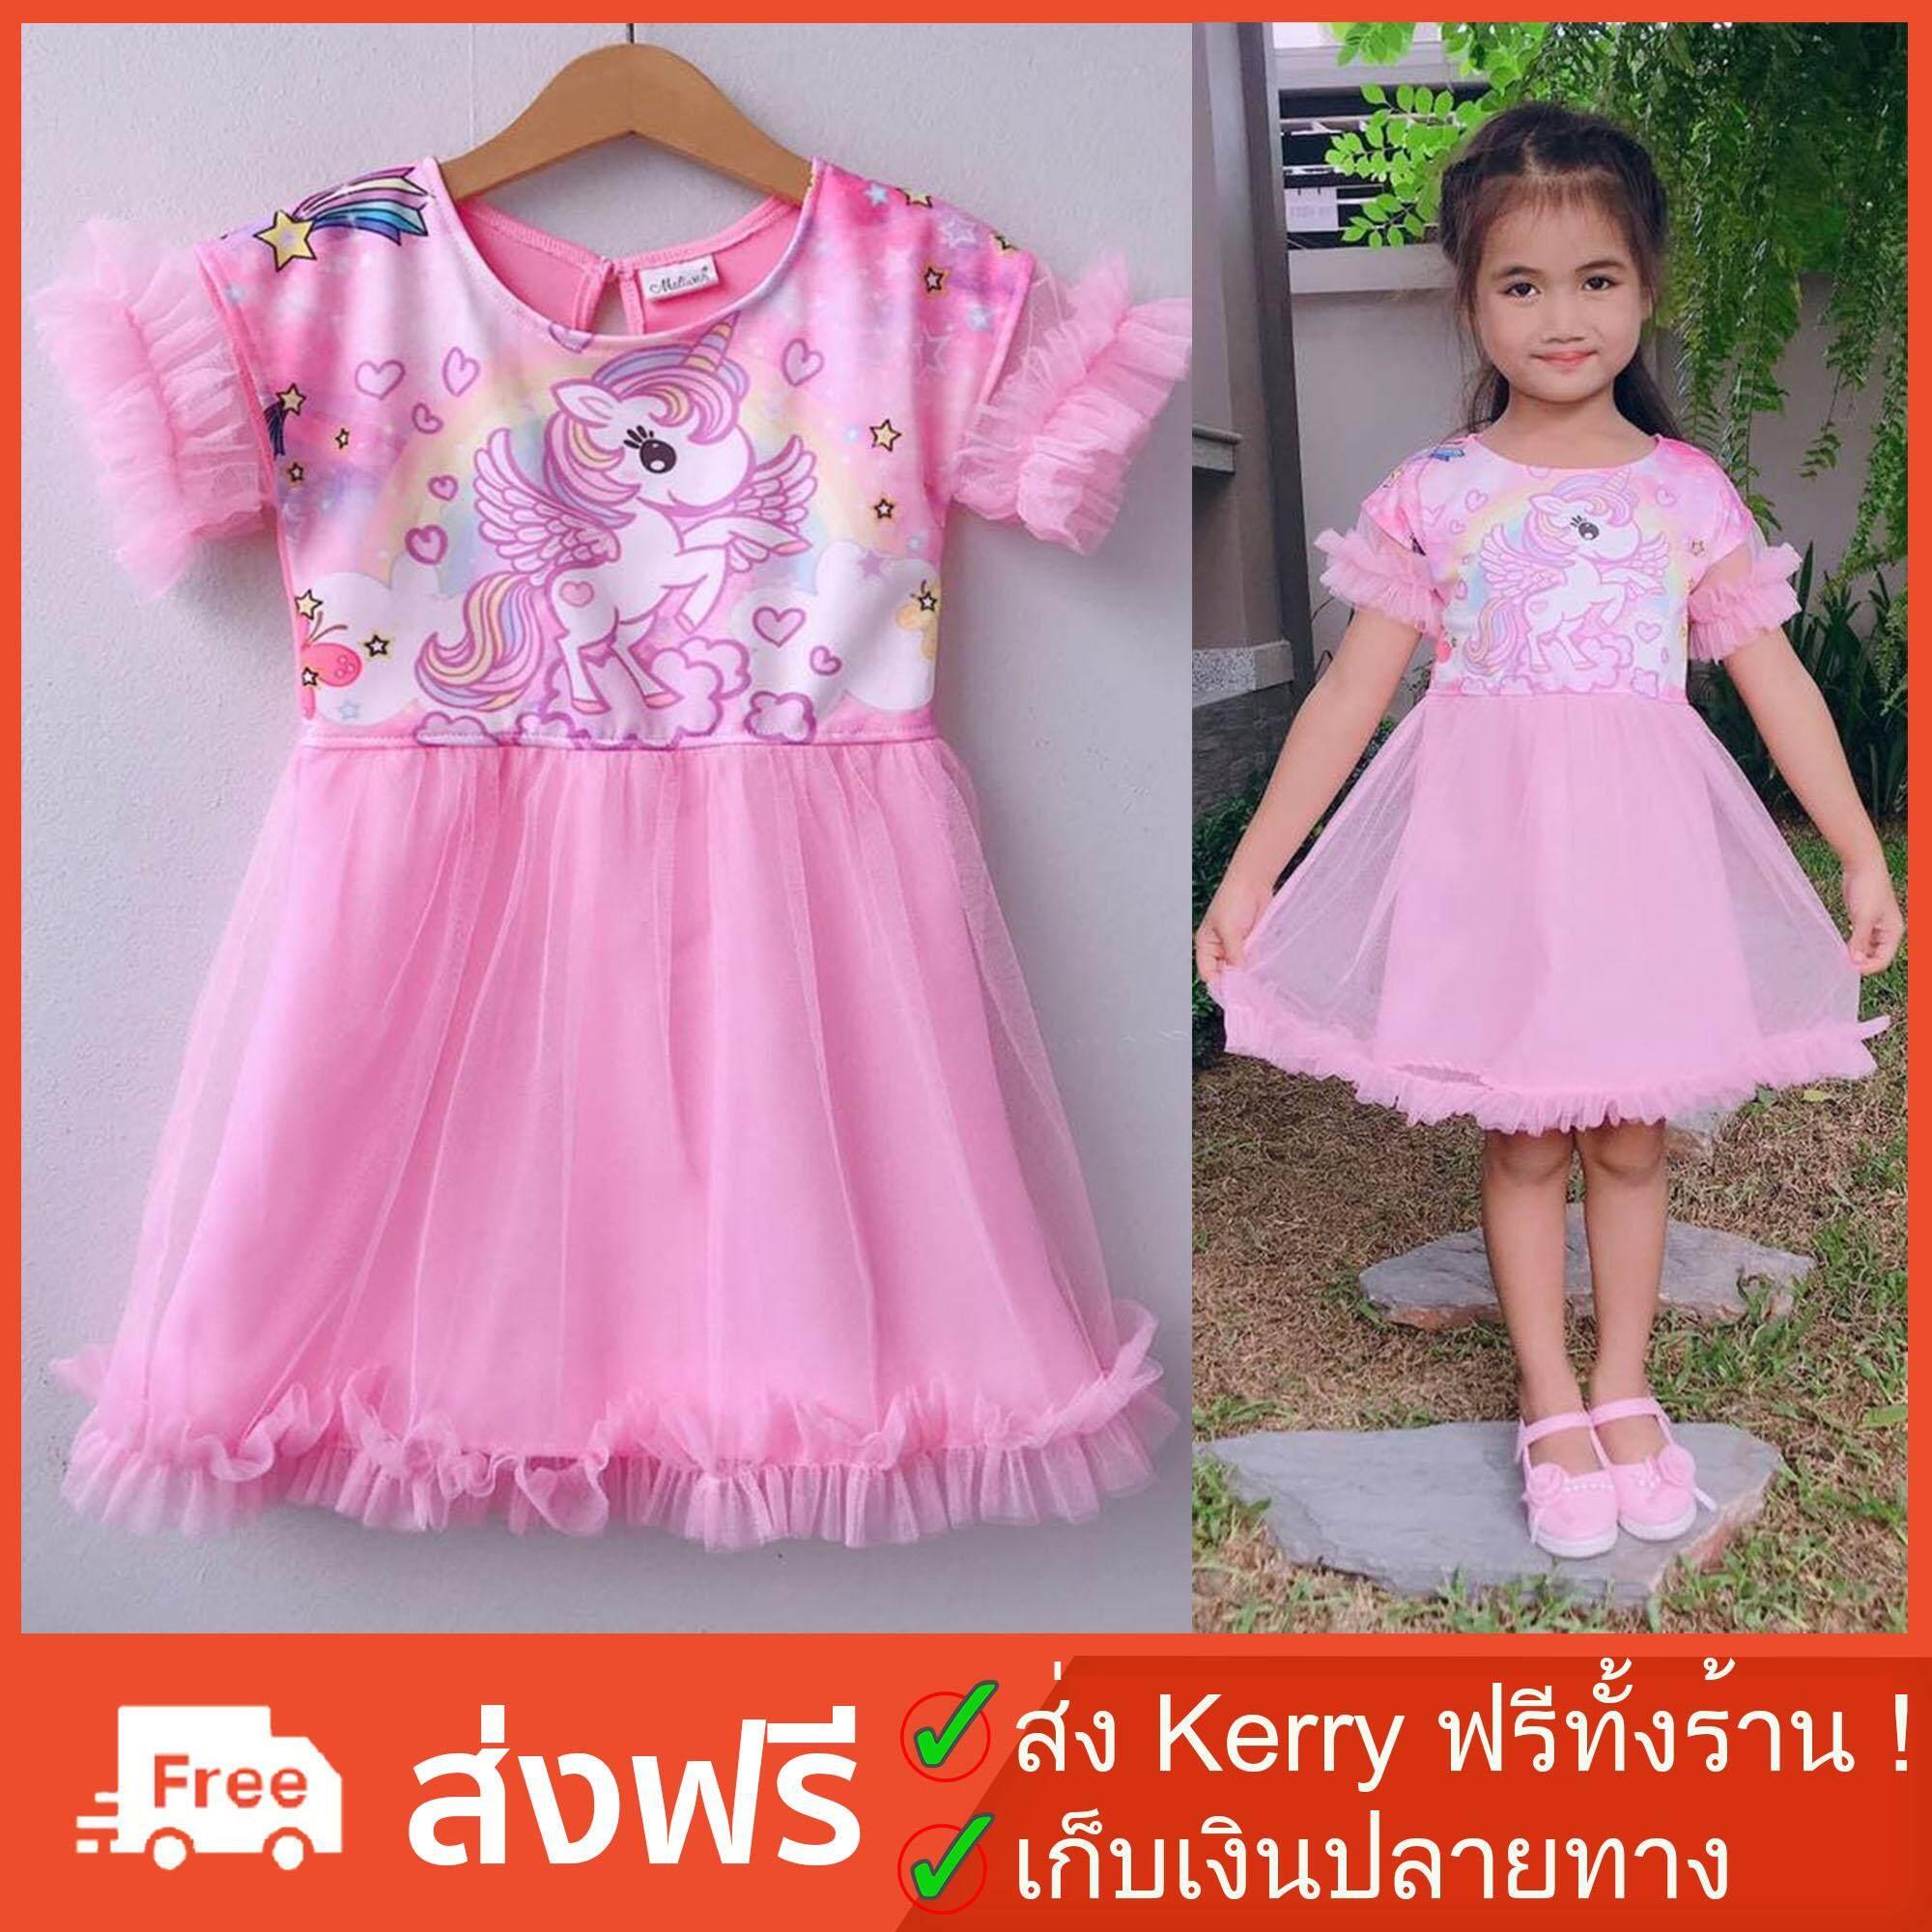 ขายดีมาก! ส่ง Kerry ฟรีทั้งร้าน !! ชุดเด็กผู้หญิง ชุดเจ้าหญิง เดรสยูนิคอร์น ระบายสุดสวย #ของมันต้องมีค่ะคุณแม่